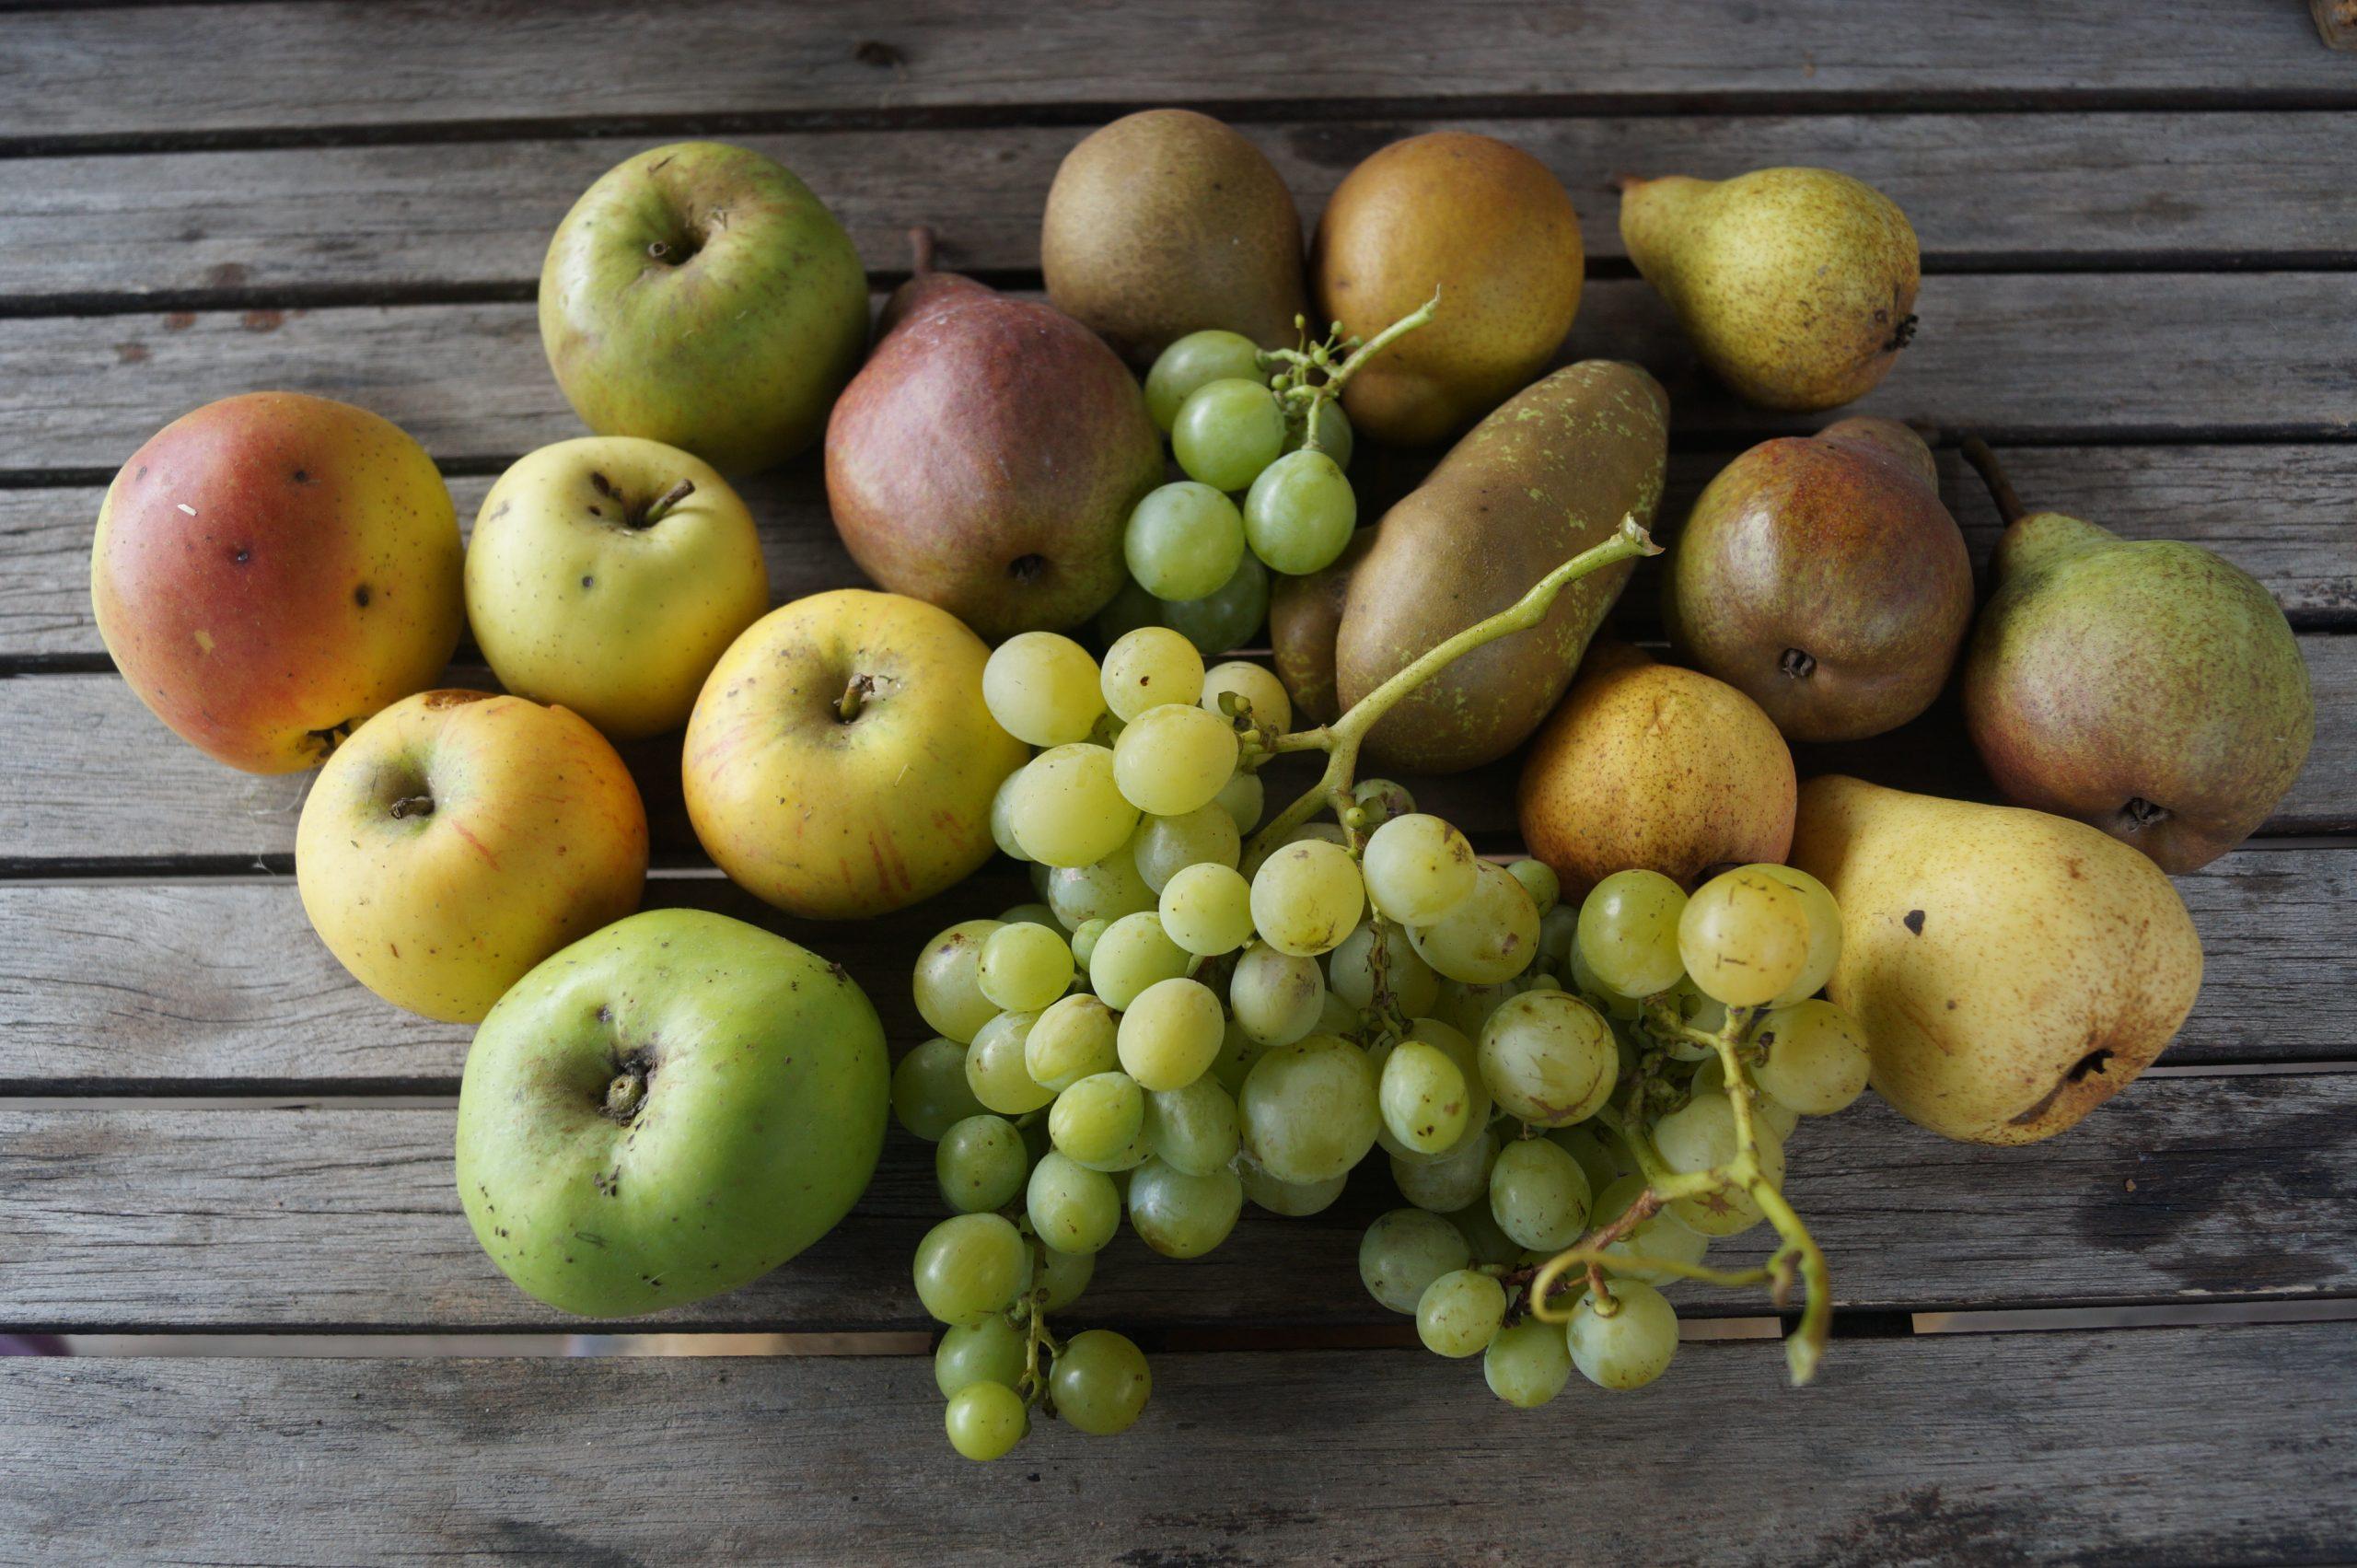 fruits de début automne raisin pomme poire